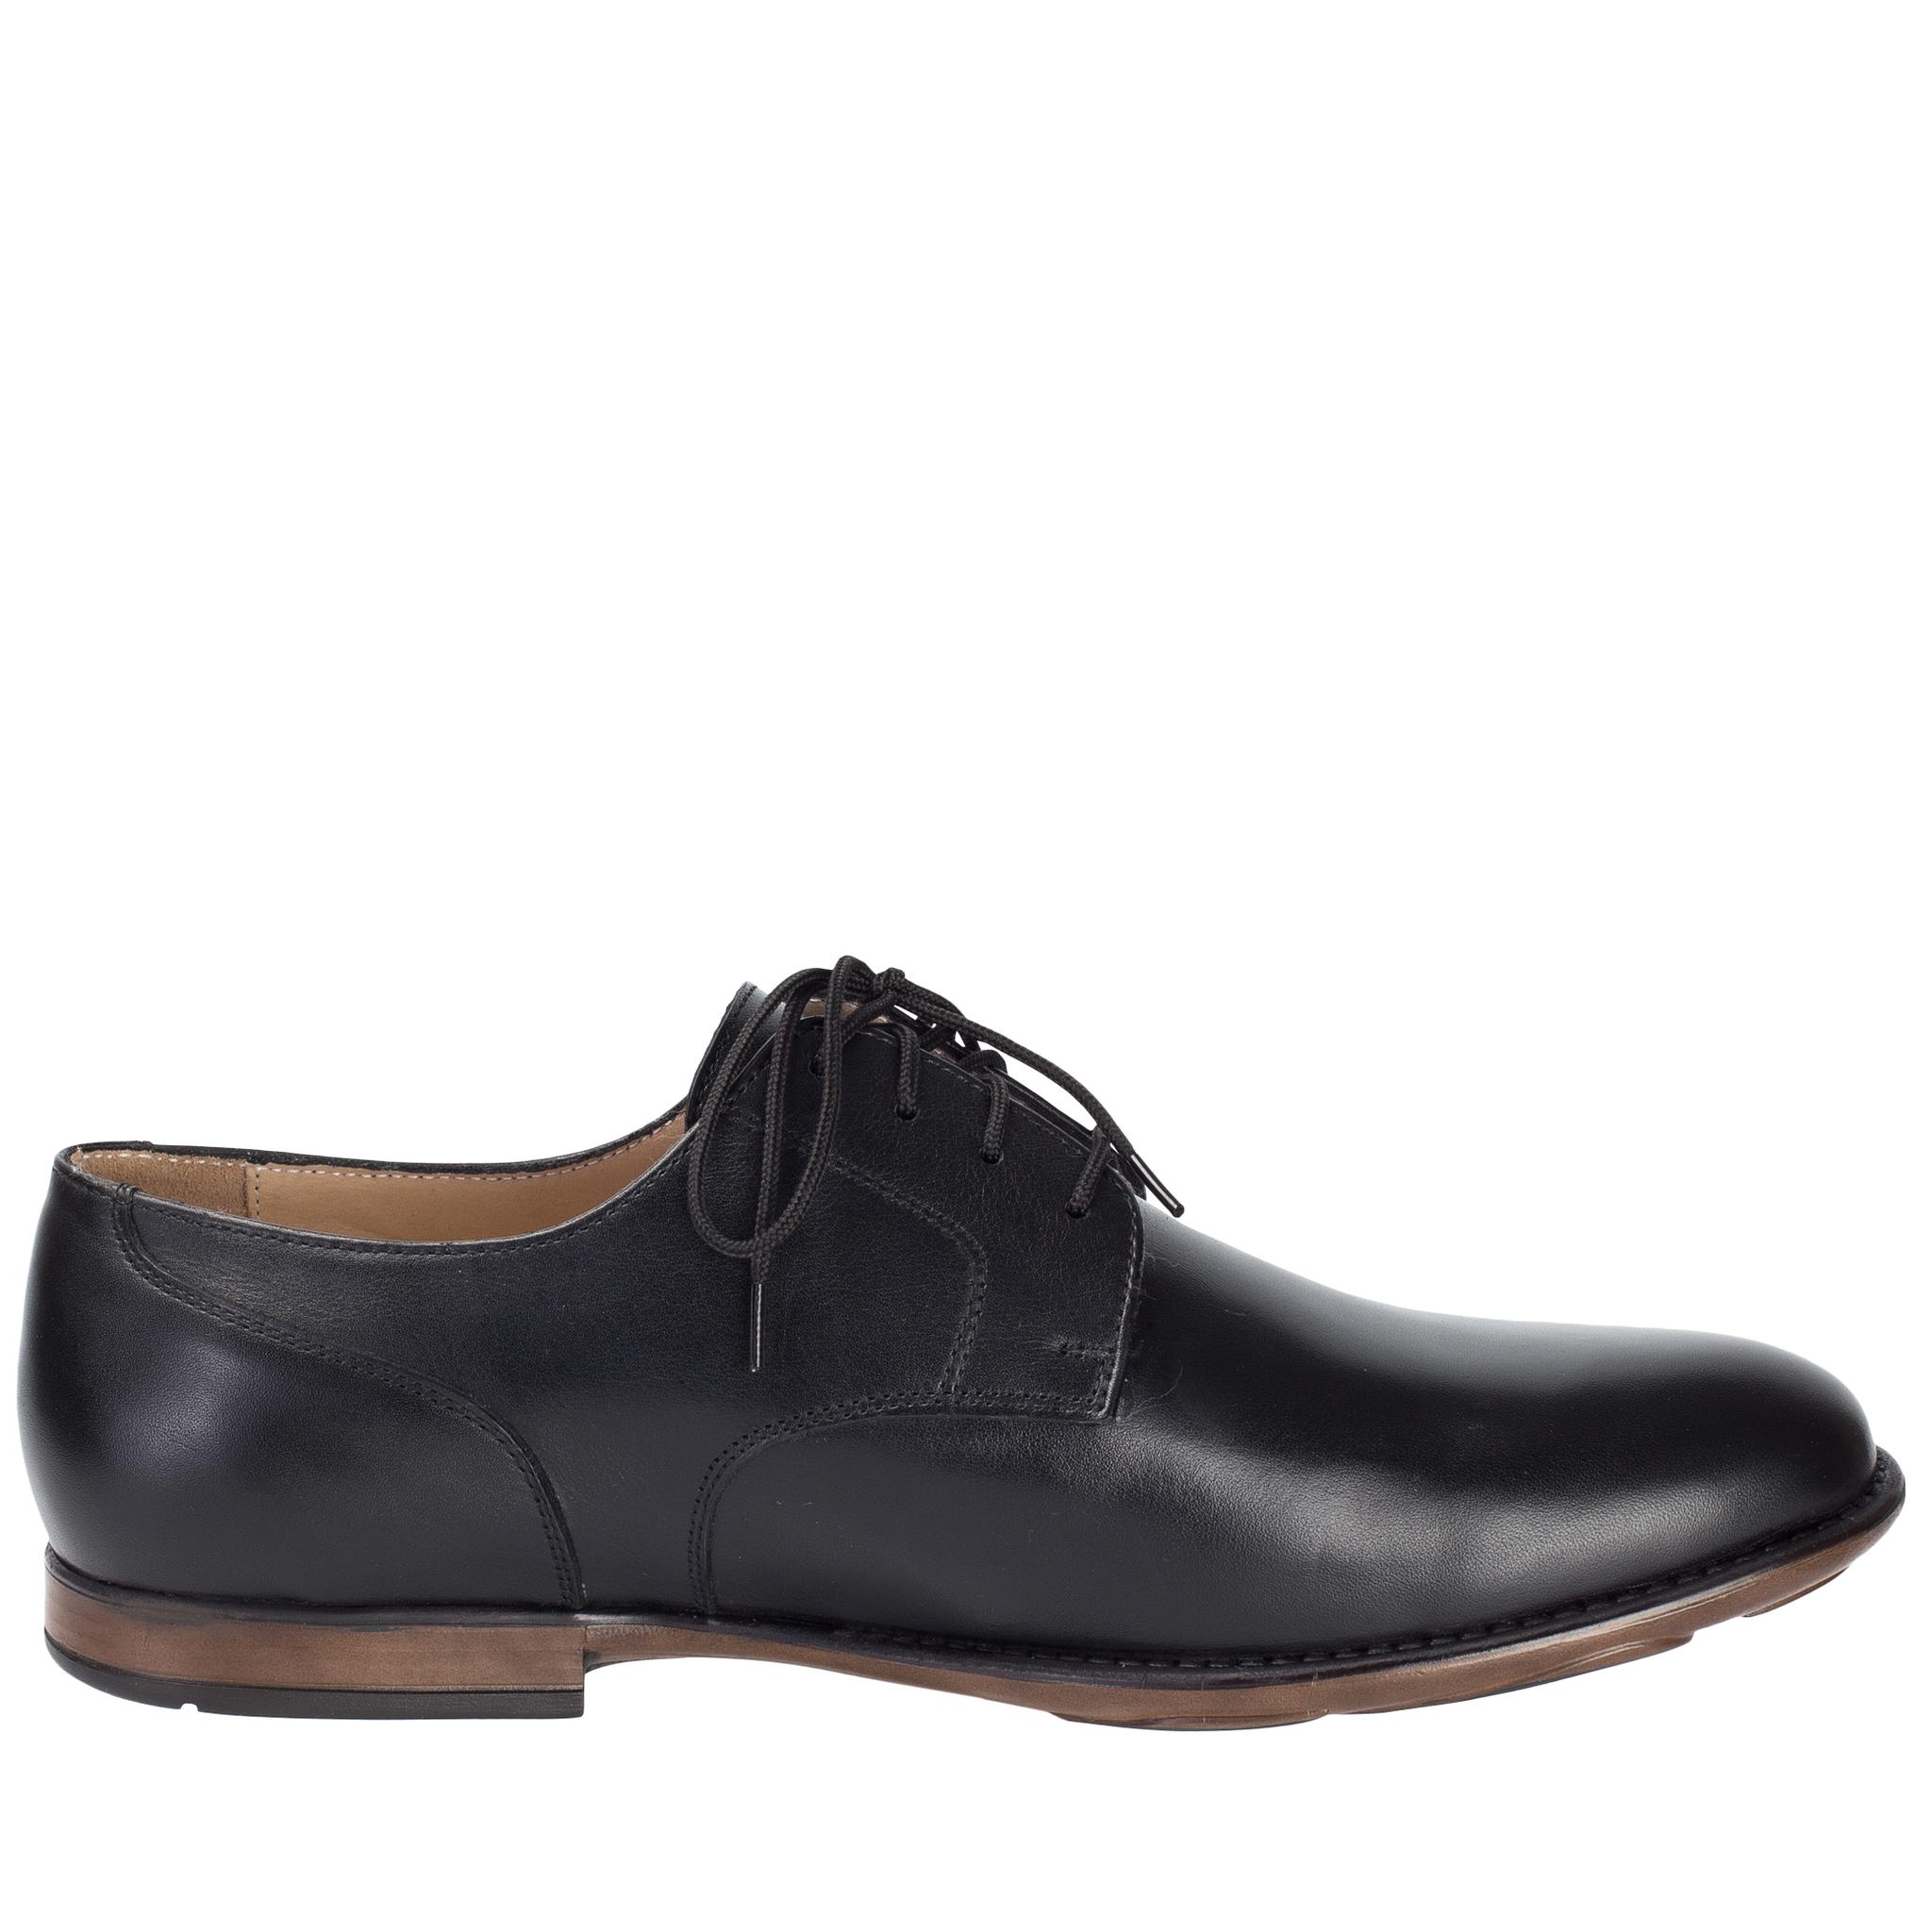 697280 туфли мужские черные больших размеров марки Делфино